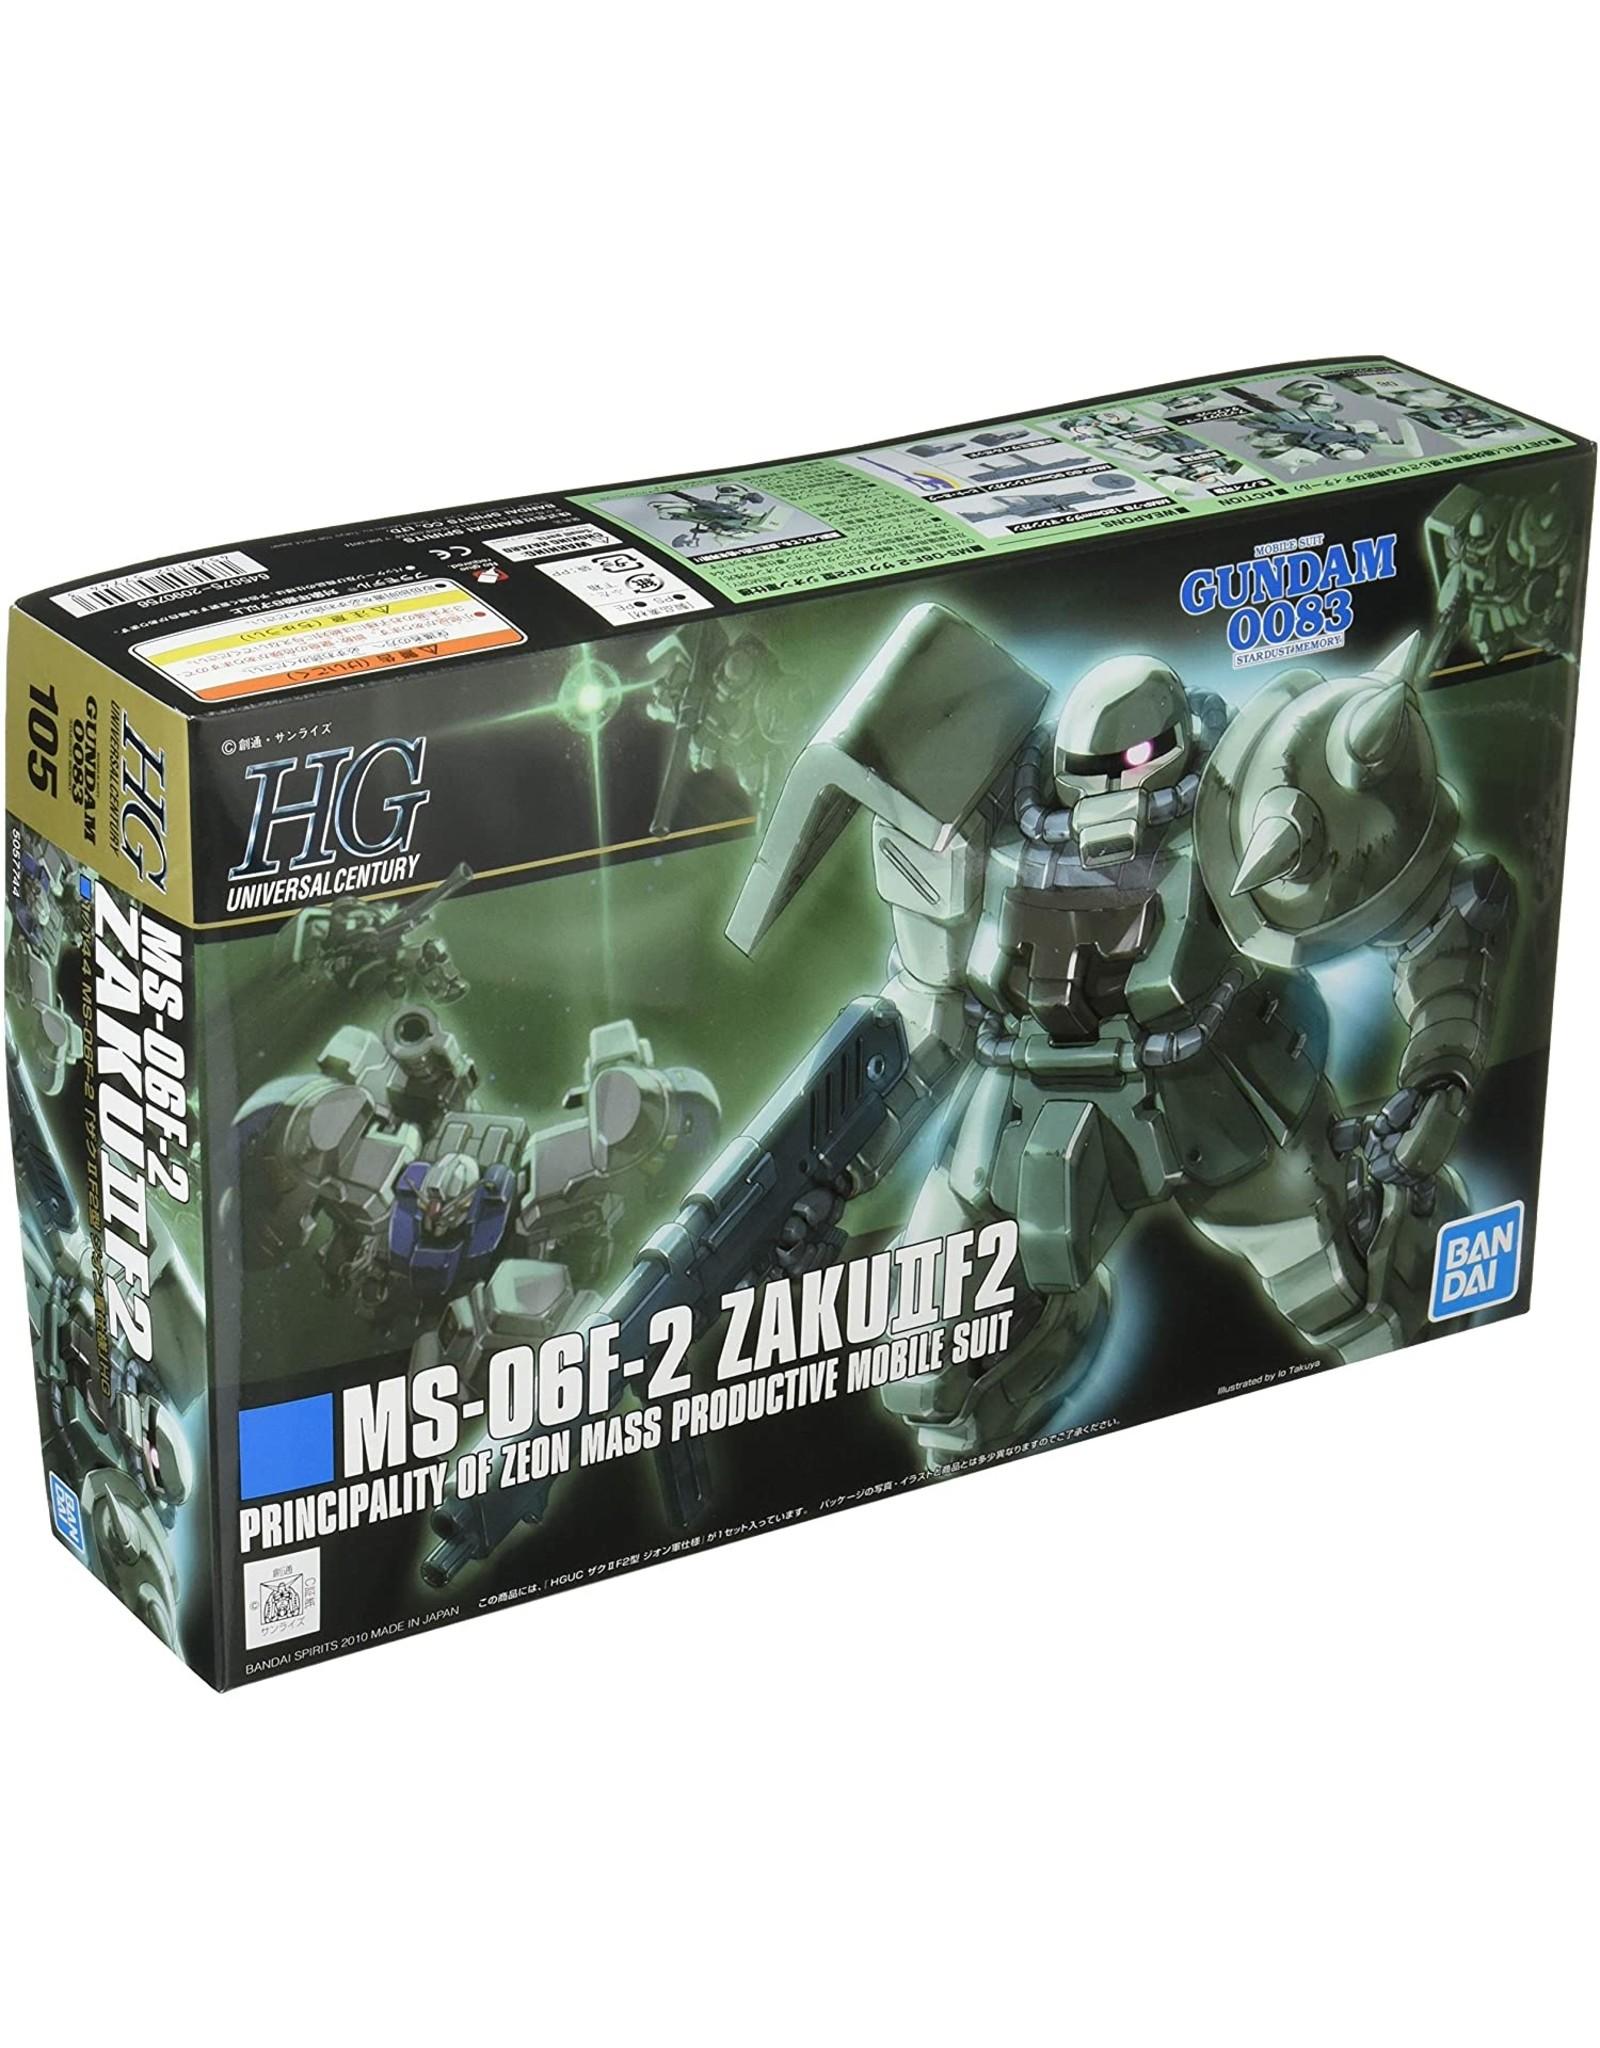 Gundam: #105 MS-06F-2 Zaku II F2 (Zeon Ver.) ''Gundam 0083'',Bandai